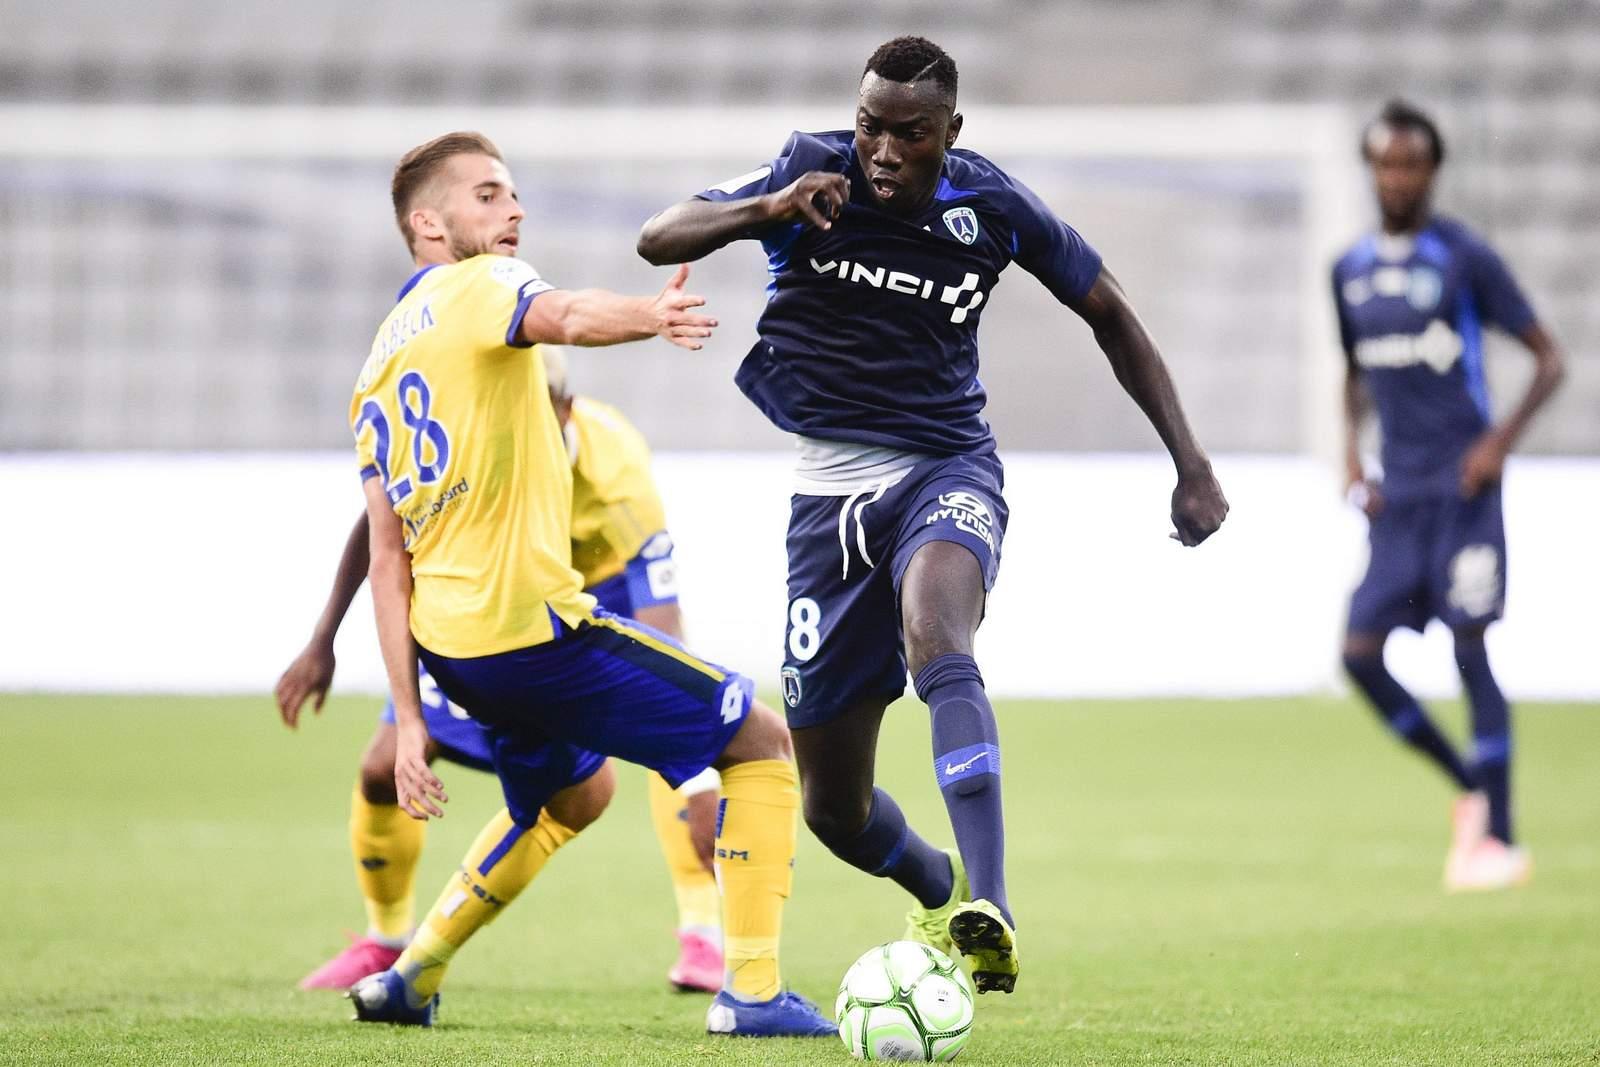 Silas Wamangituka von Paris FC